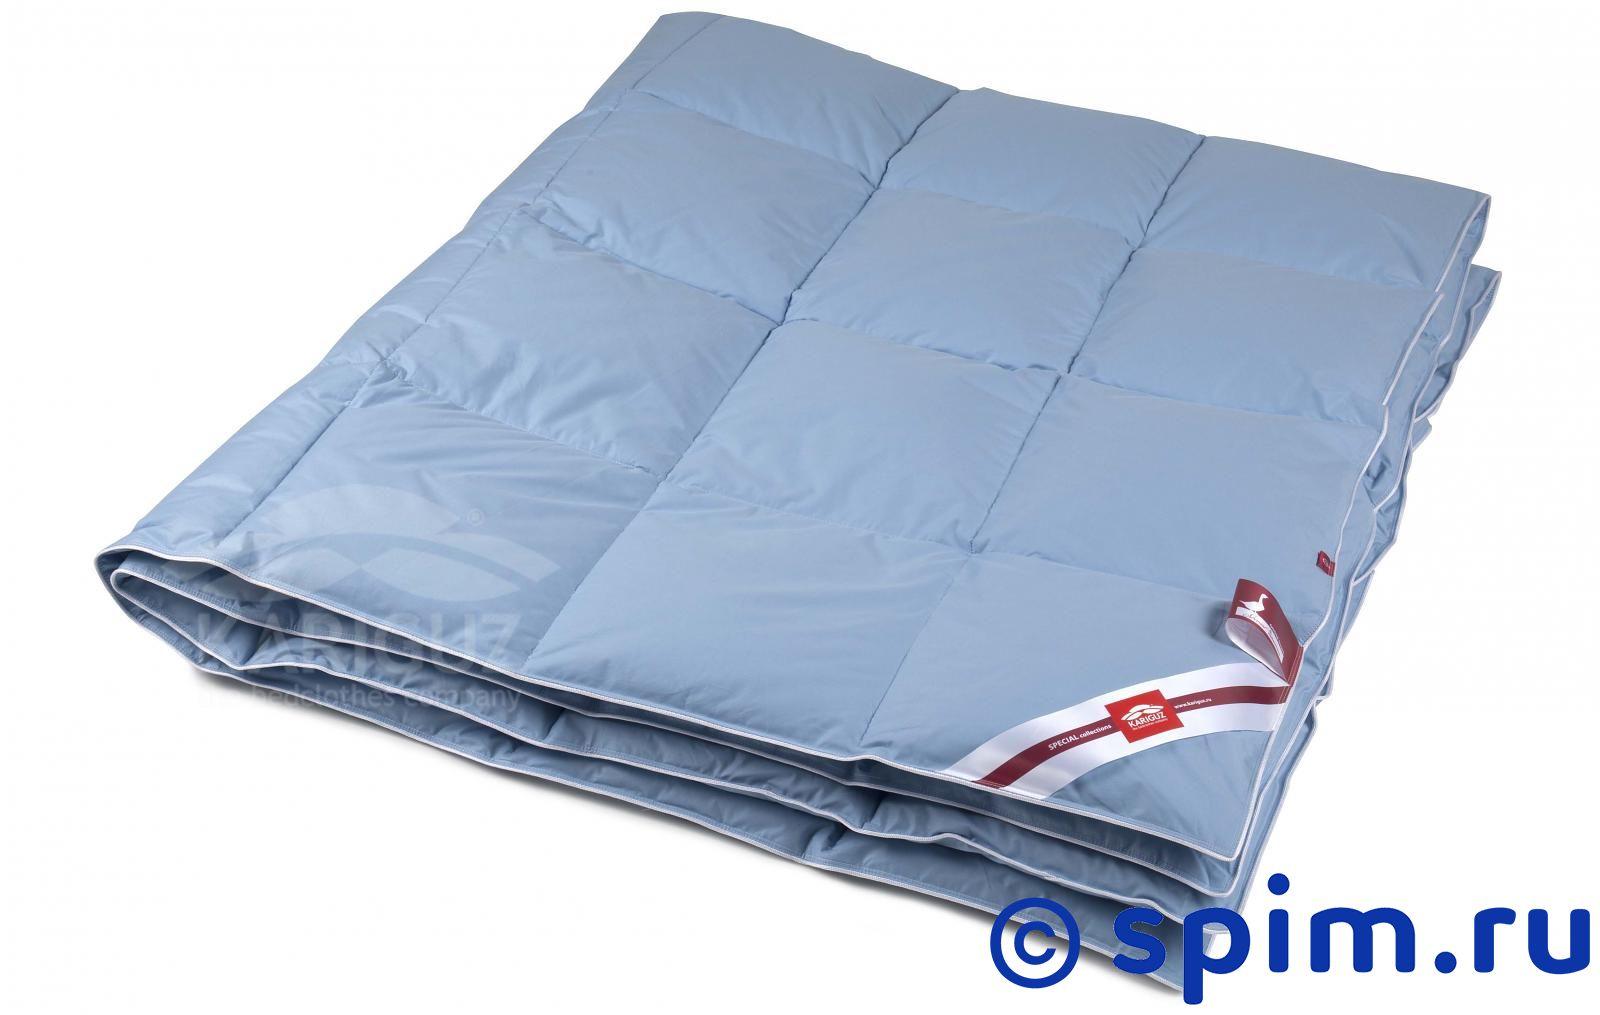 Купить Одеяло Kariguz Classic, всесезонное 170(172)х205 см